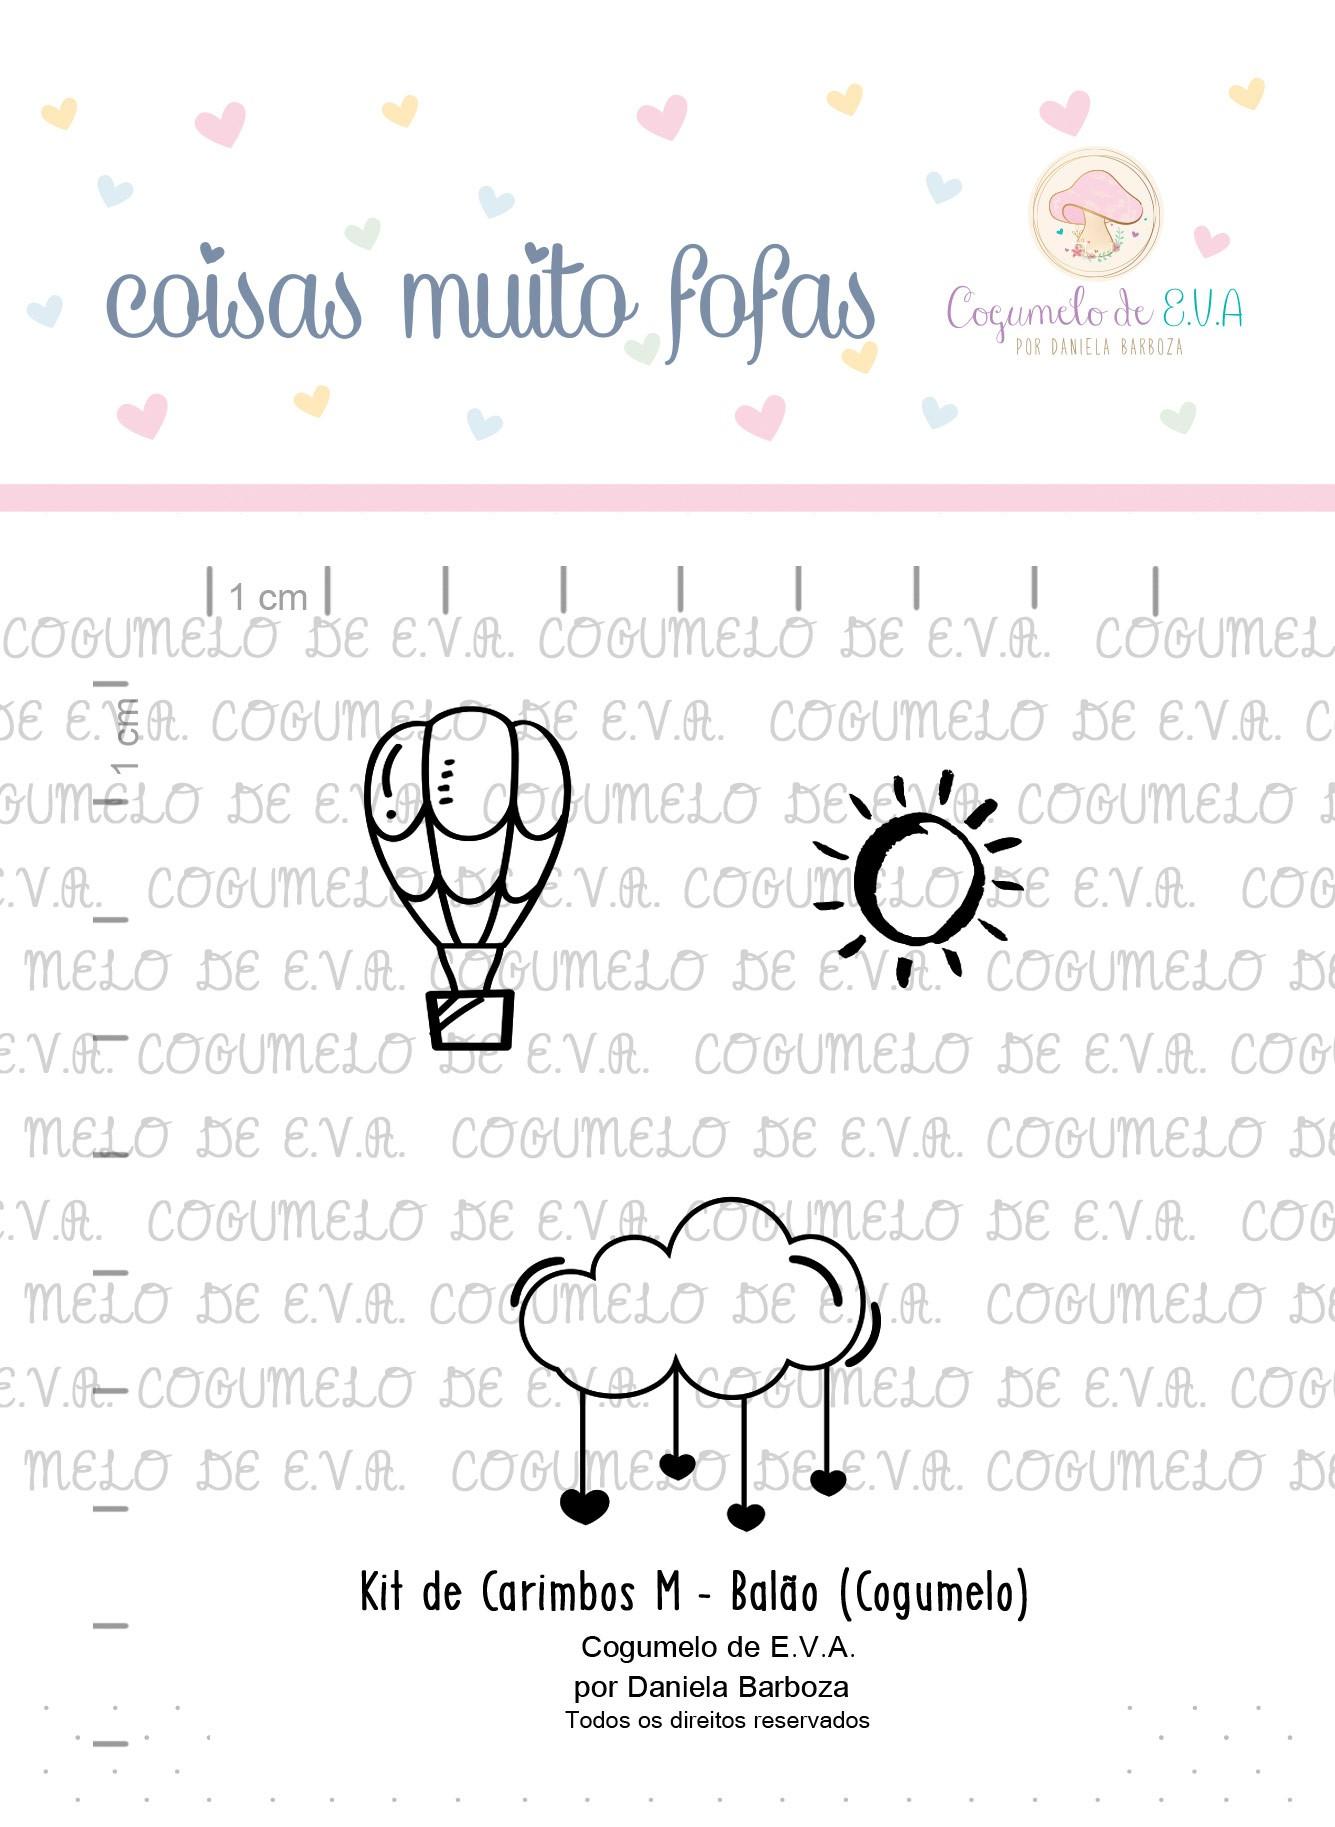 """Cartela de Carimbos M - """"Balão"""" - Cogumelo de E.V.A.  - Lilipop carimbos"""